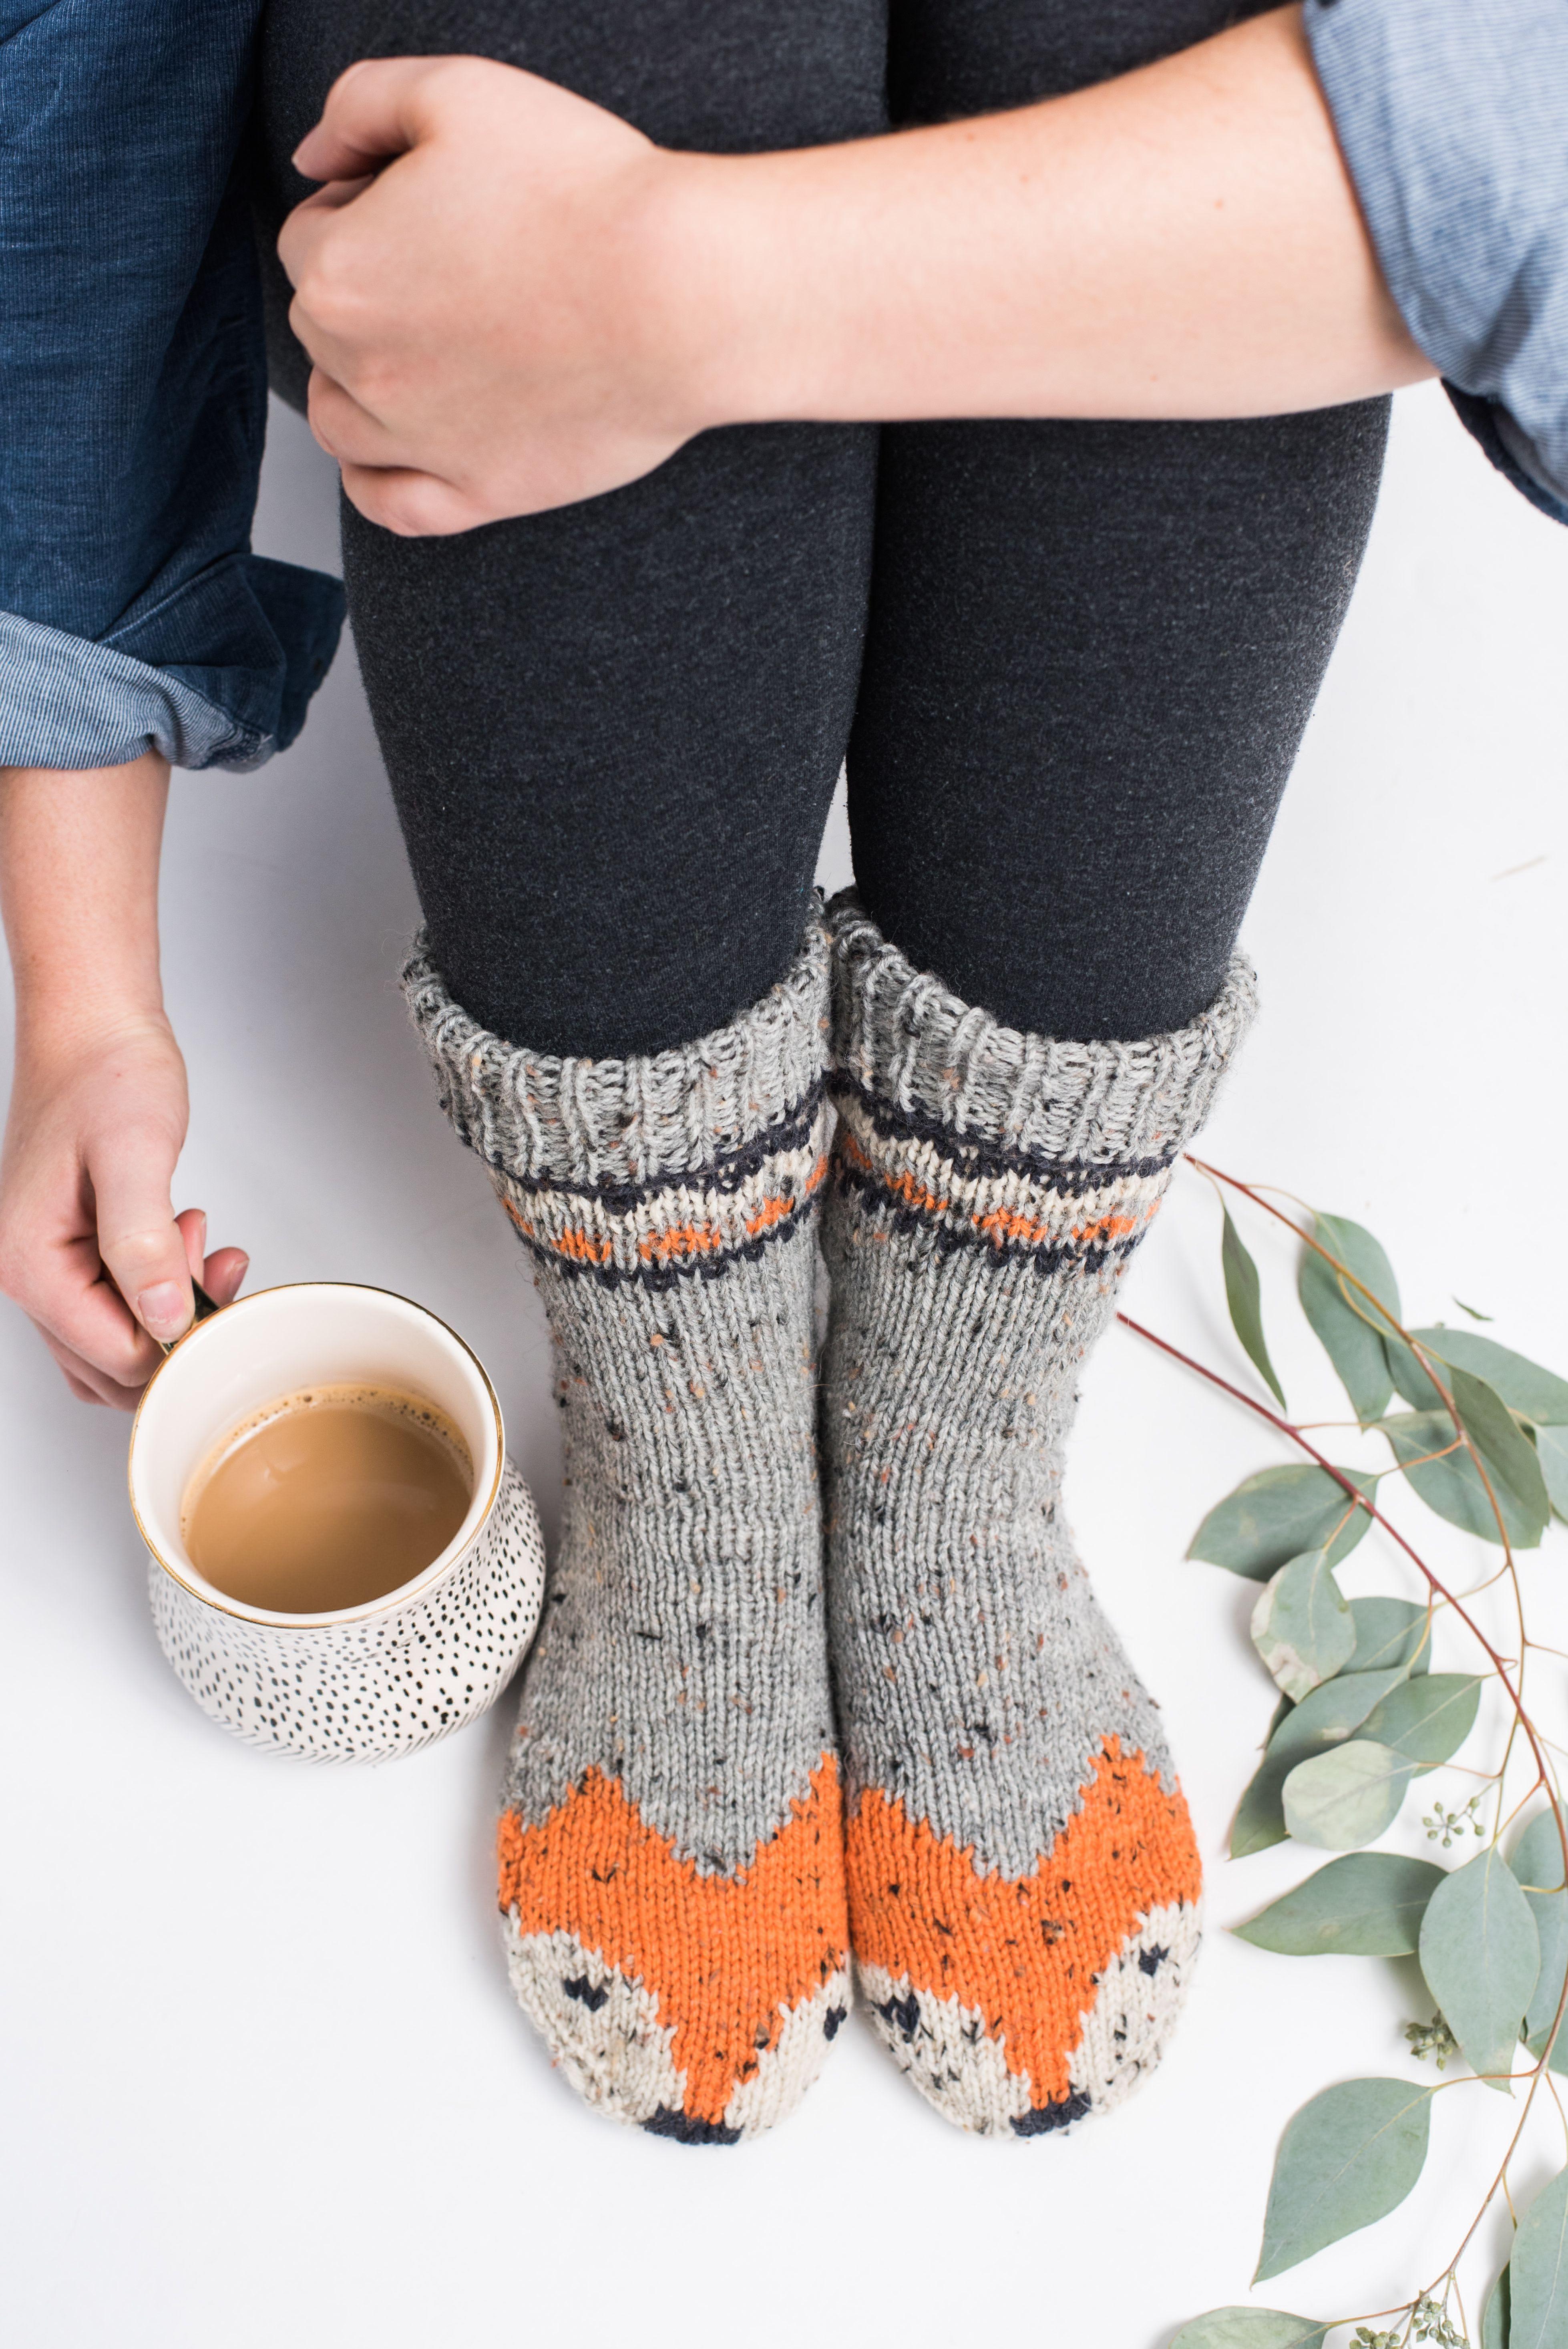 Ginger Fox Socks - I Like Knitting - Knitting Socks